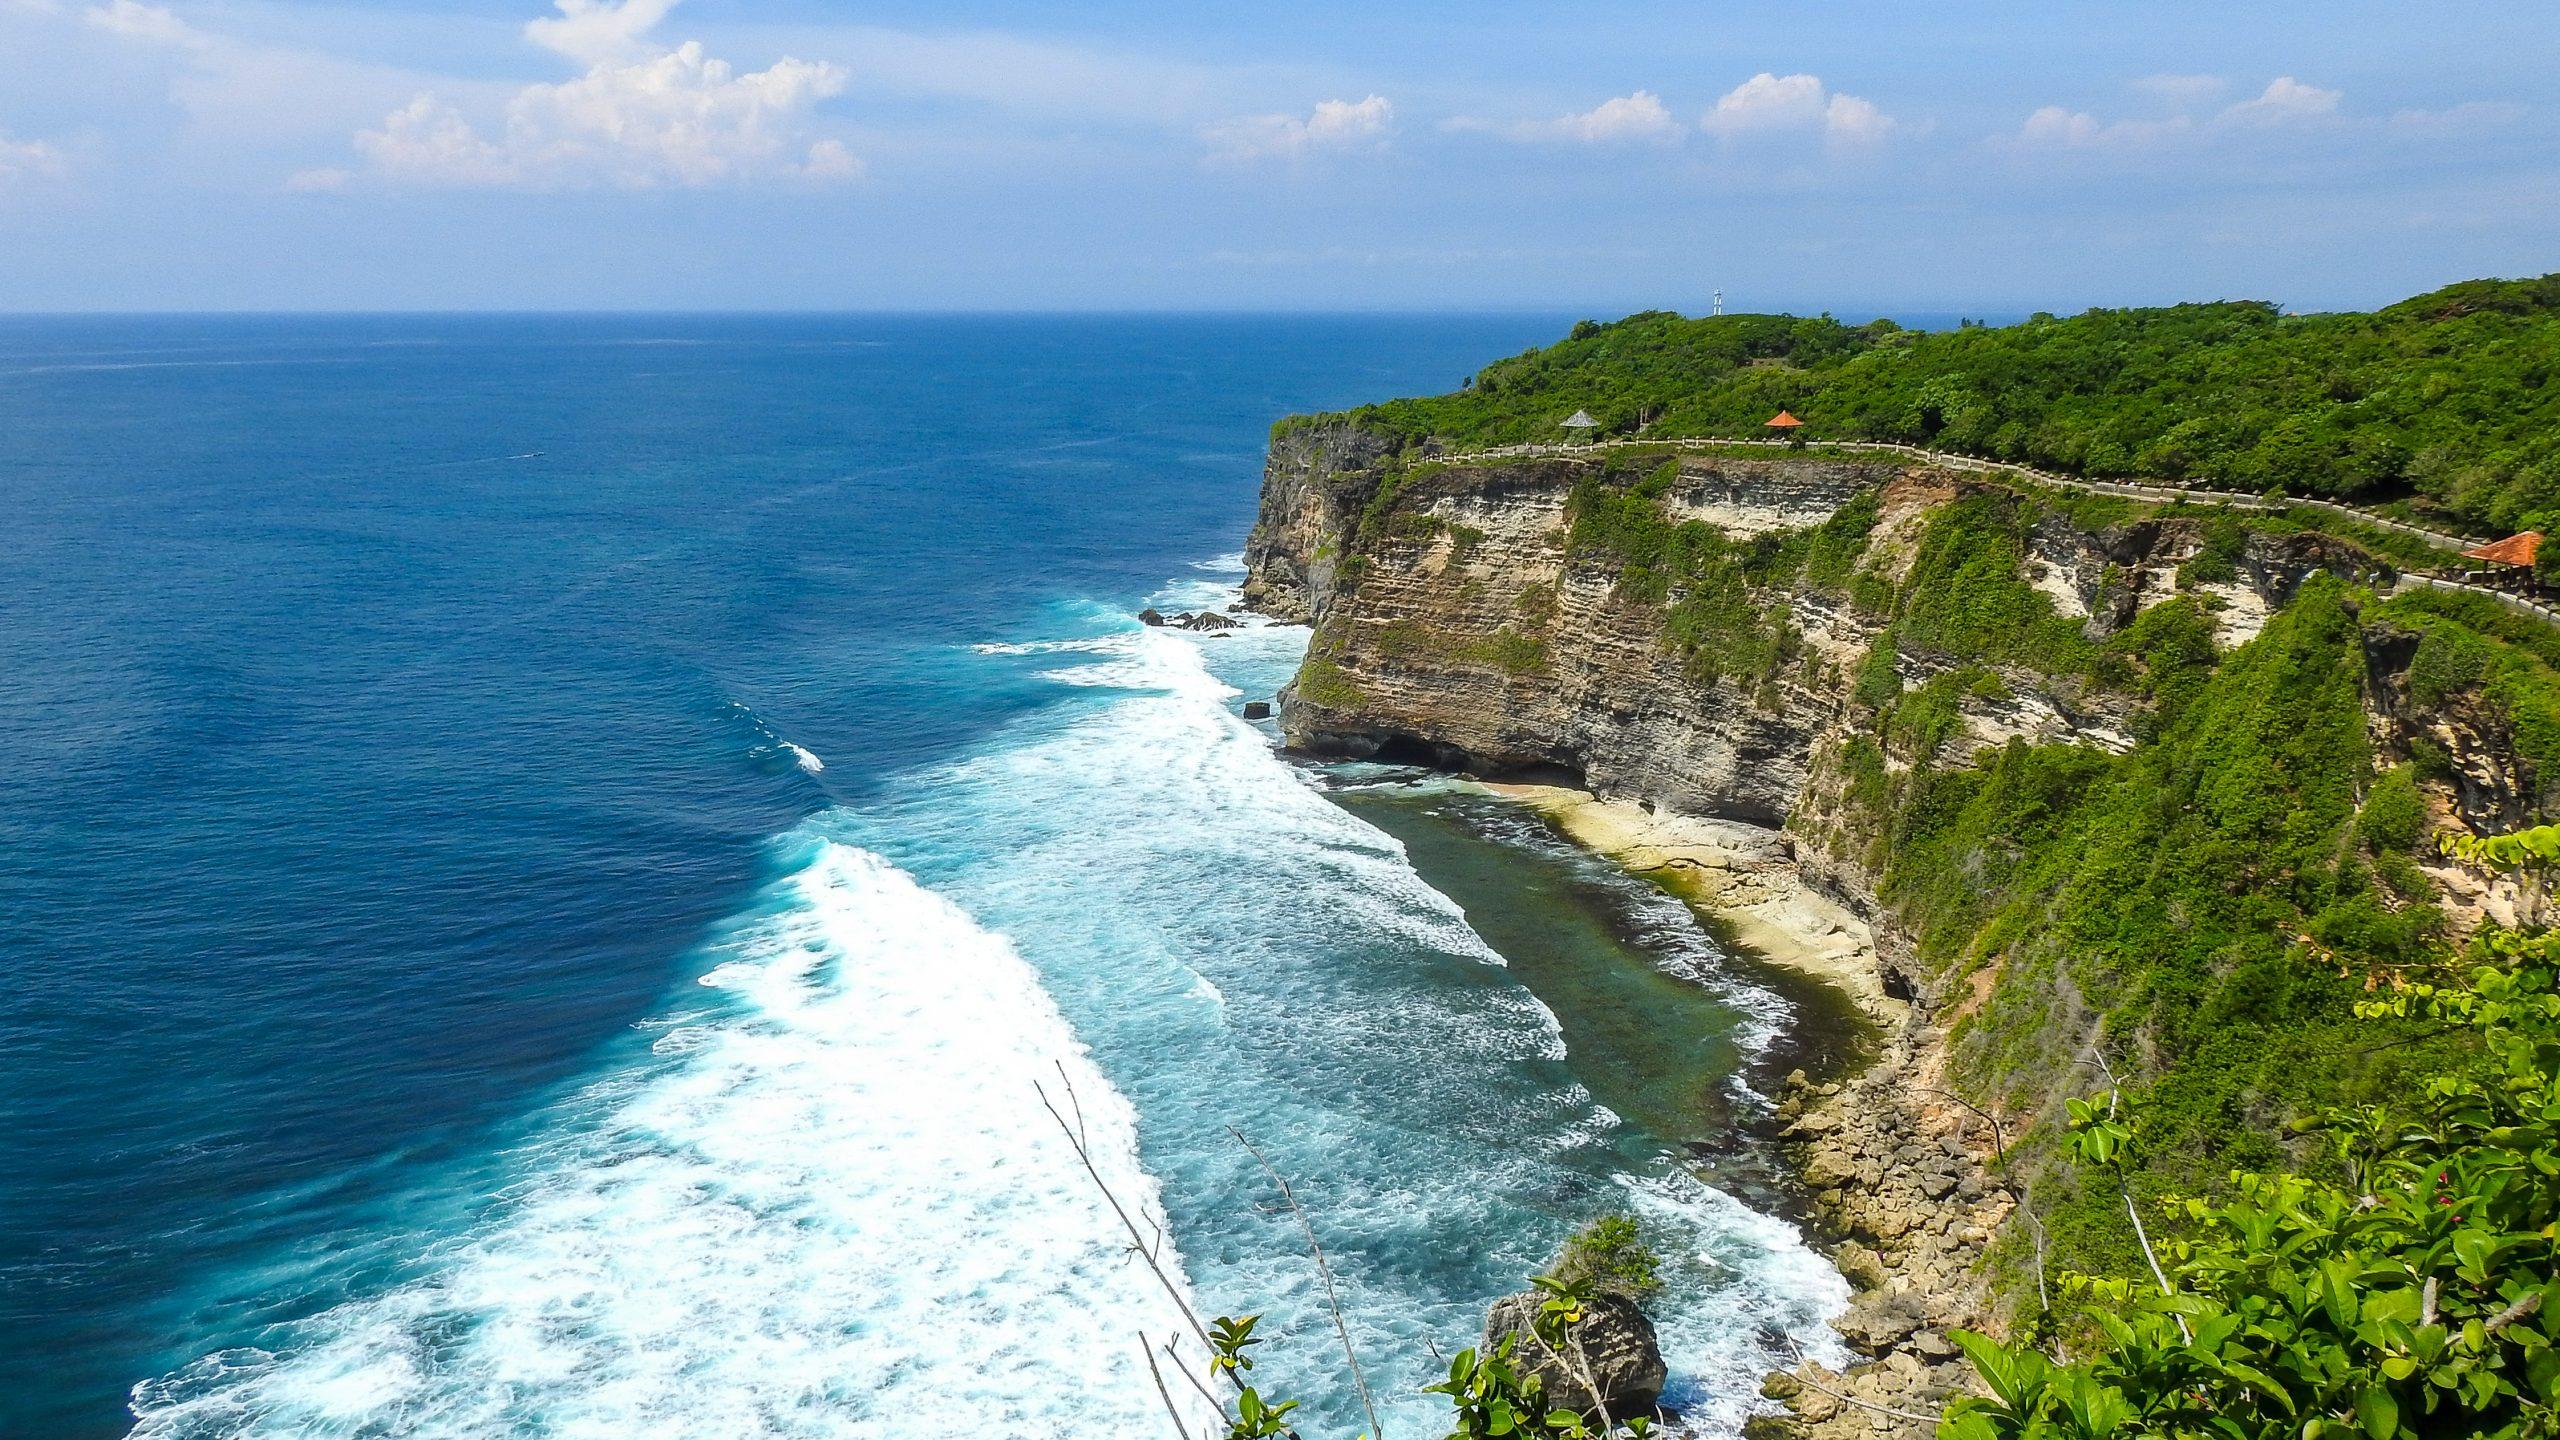 Sea cliff, Bali